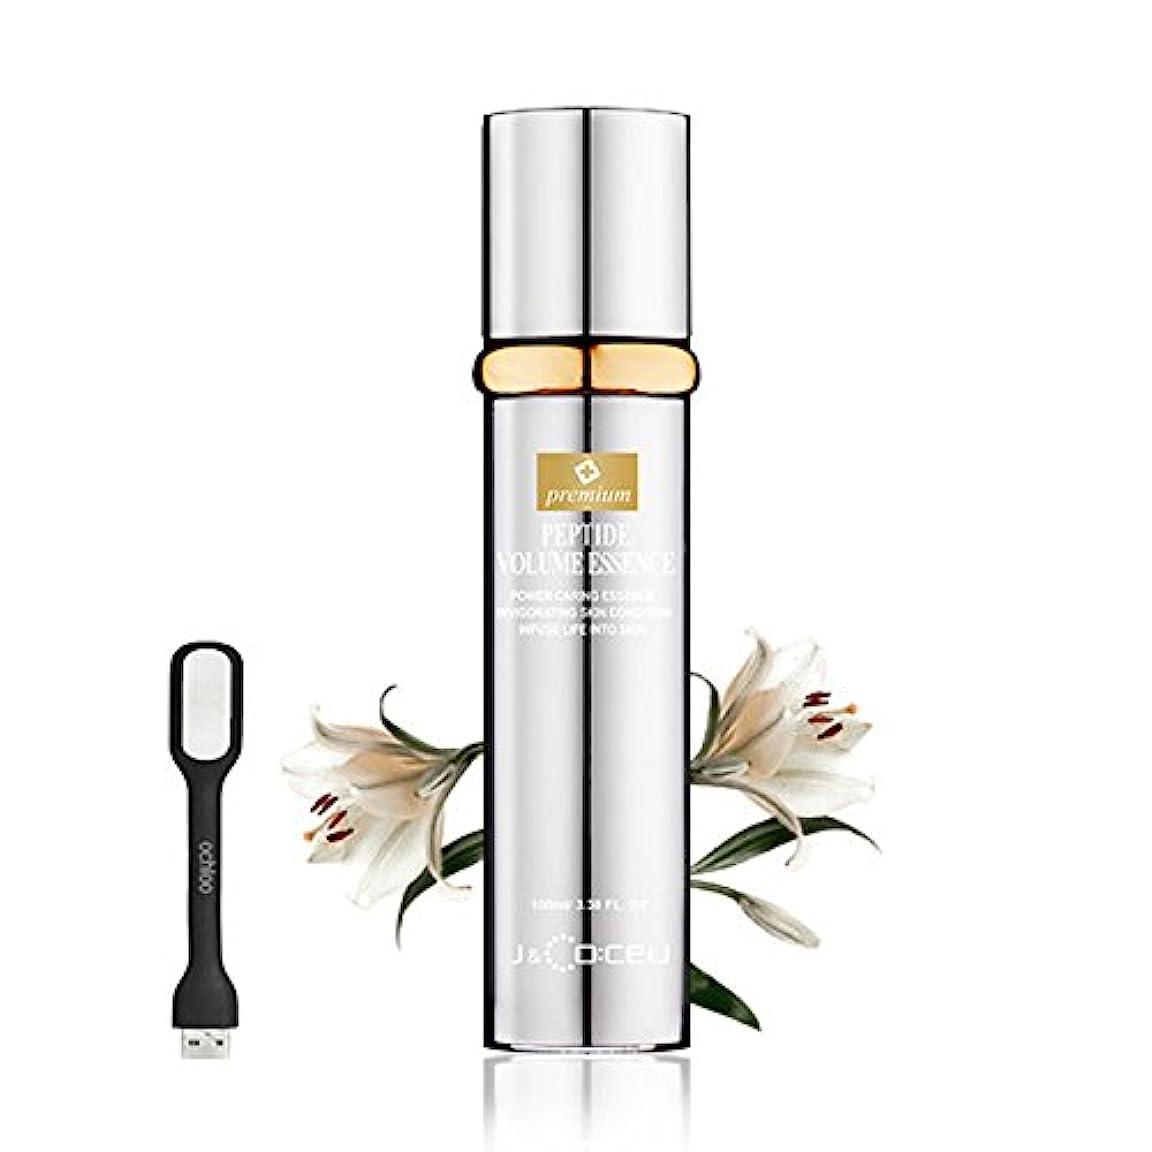 マーベル探す他の日Premium Peptide Volume Essence 100ml: Upgraded Cosmetic Botox Anti-Wrinkle Essence All in One Wrinkle-care Firming Brightening Revitalizing 全ての絵文字を一つ一つ作ること+ochloo logo led